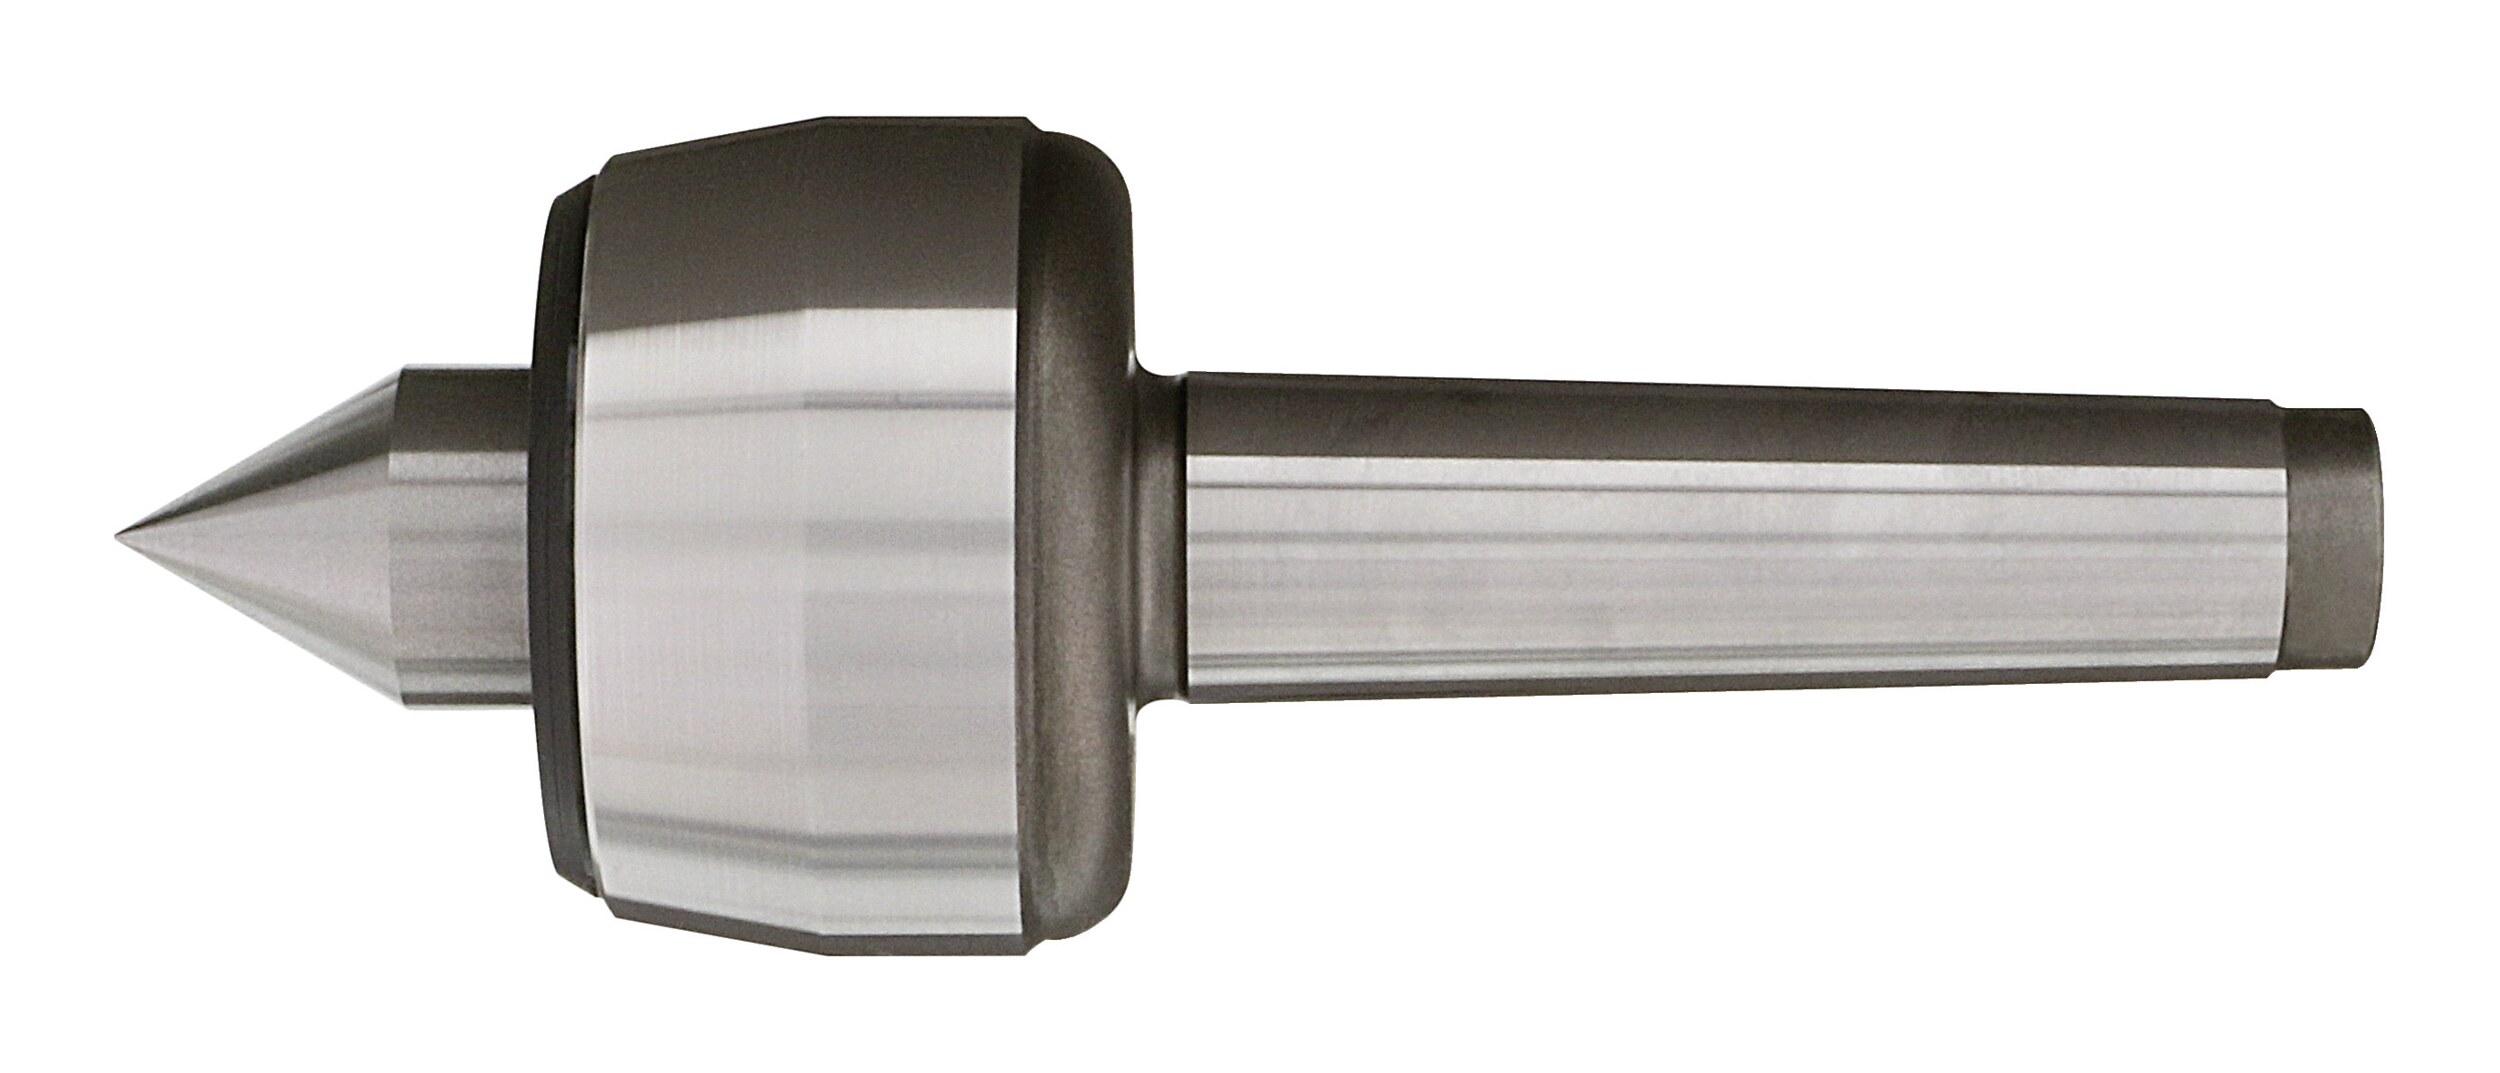 Bison Körnerspitze mitlaufend MK 4